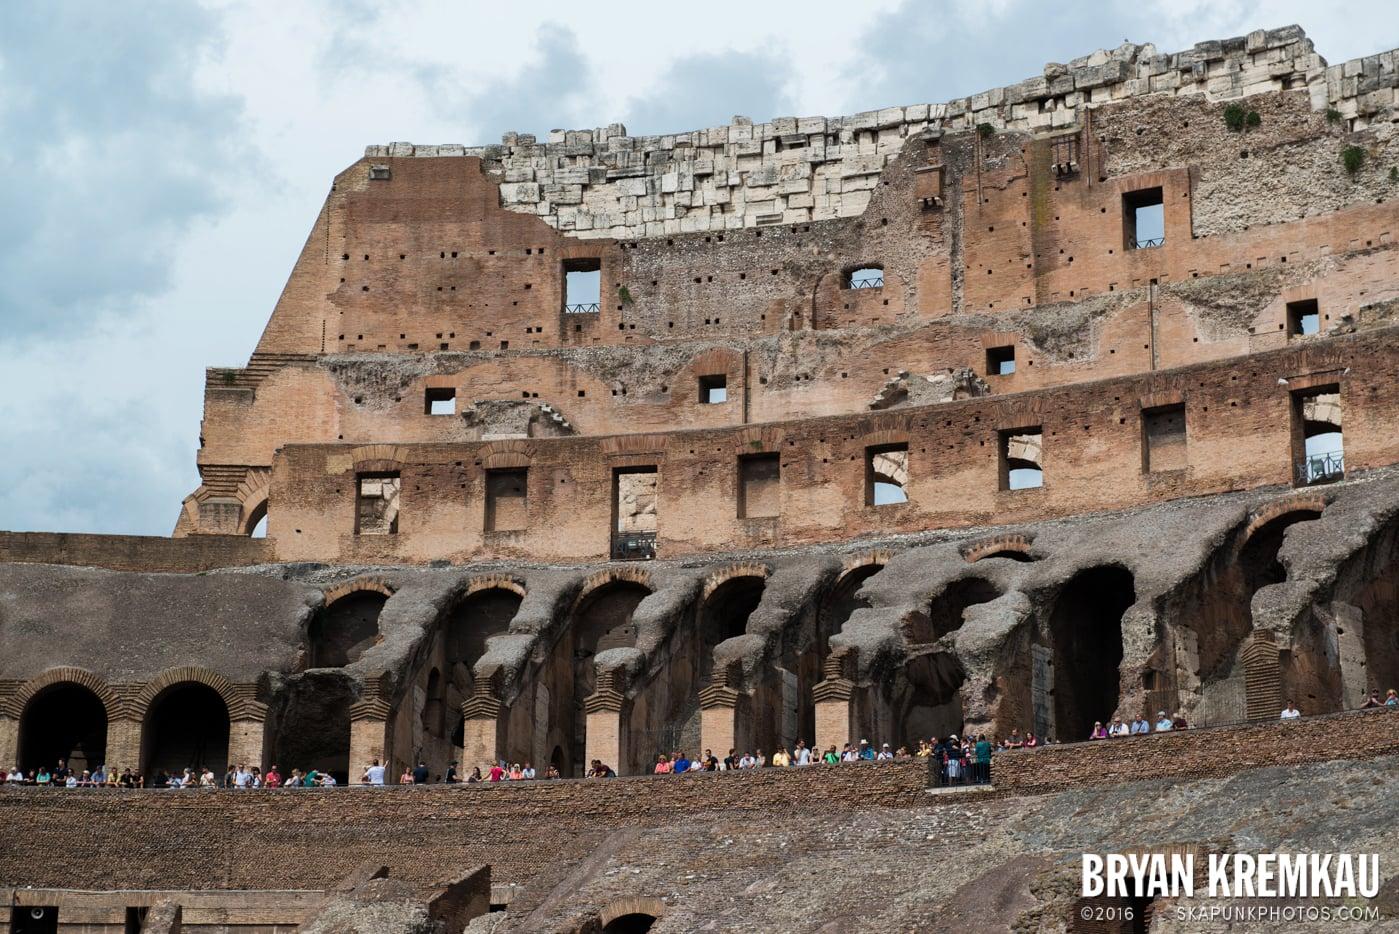 Italy Vacation - Day 2: Rome - 9.10.13 (63)